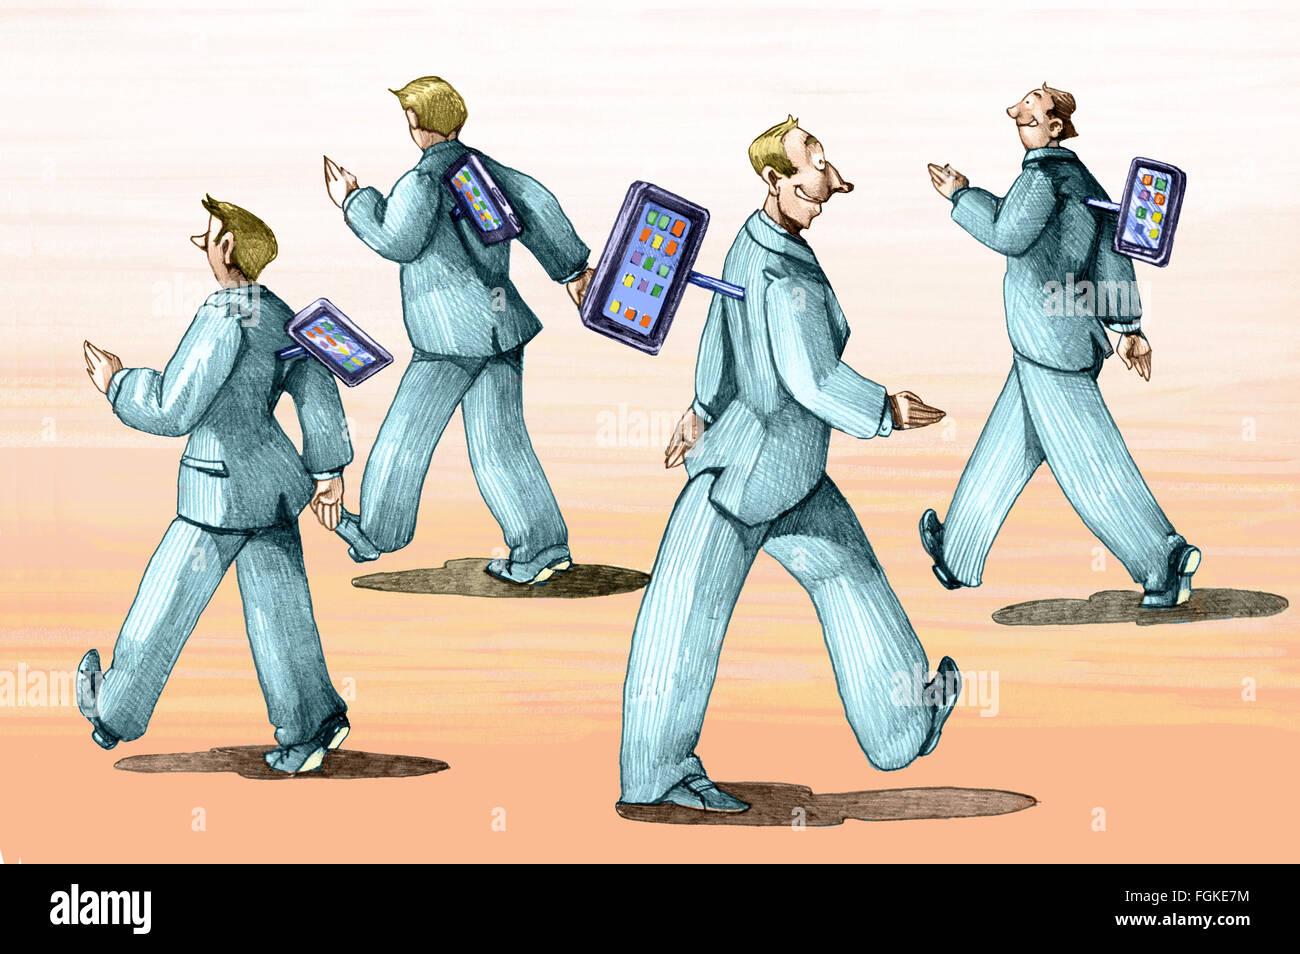 Les hommes à pied comme des automates contrôlés par votre téléphone mobile Photo Stock